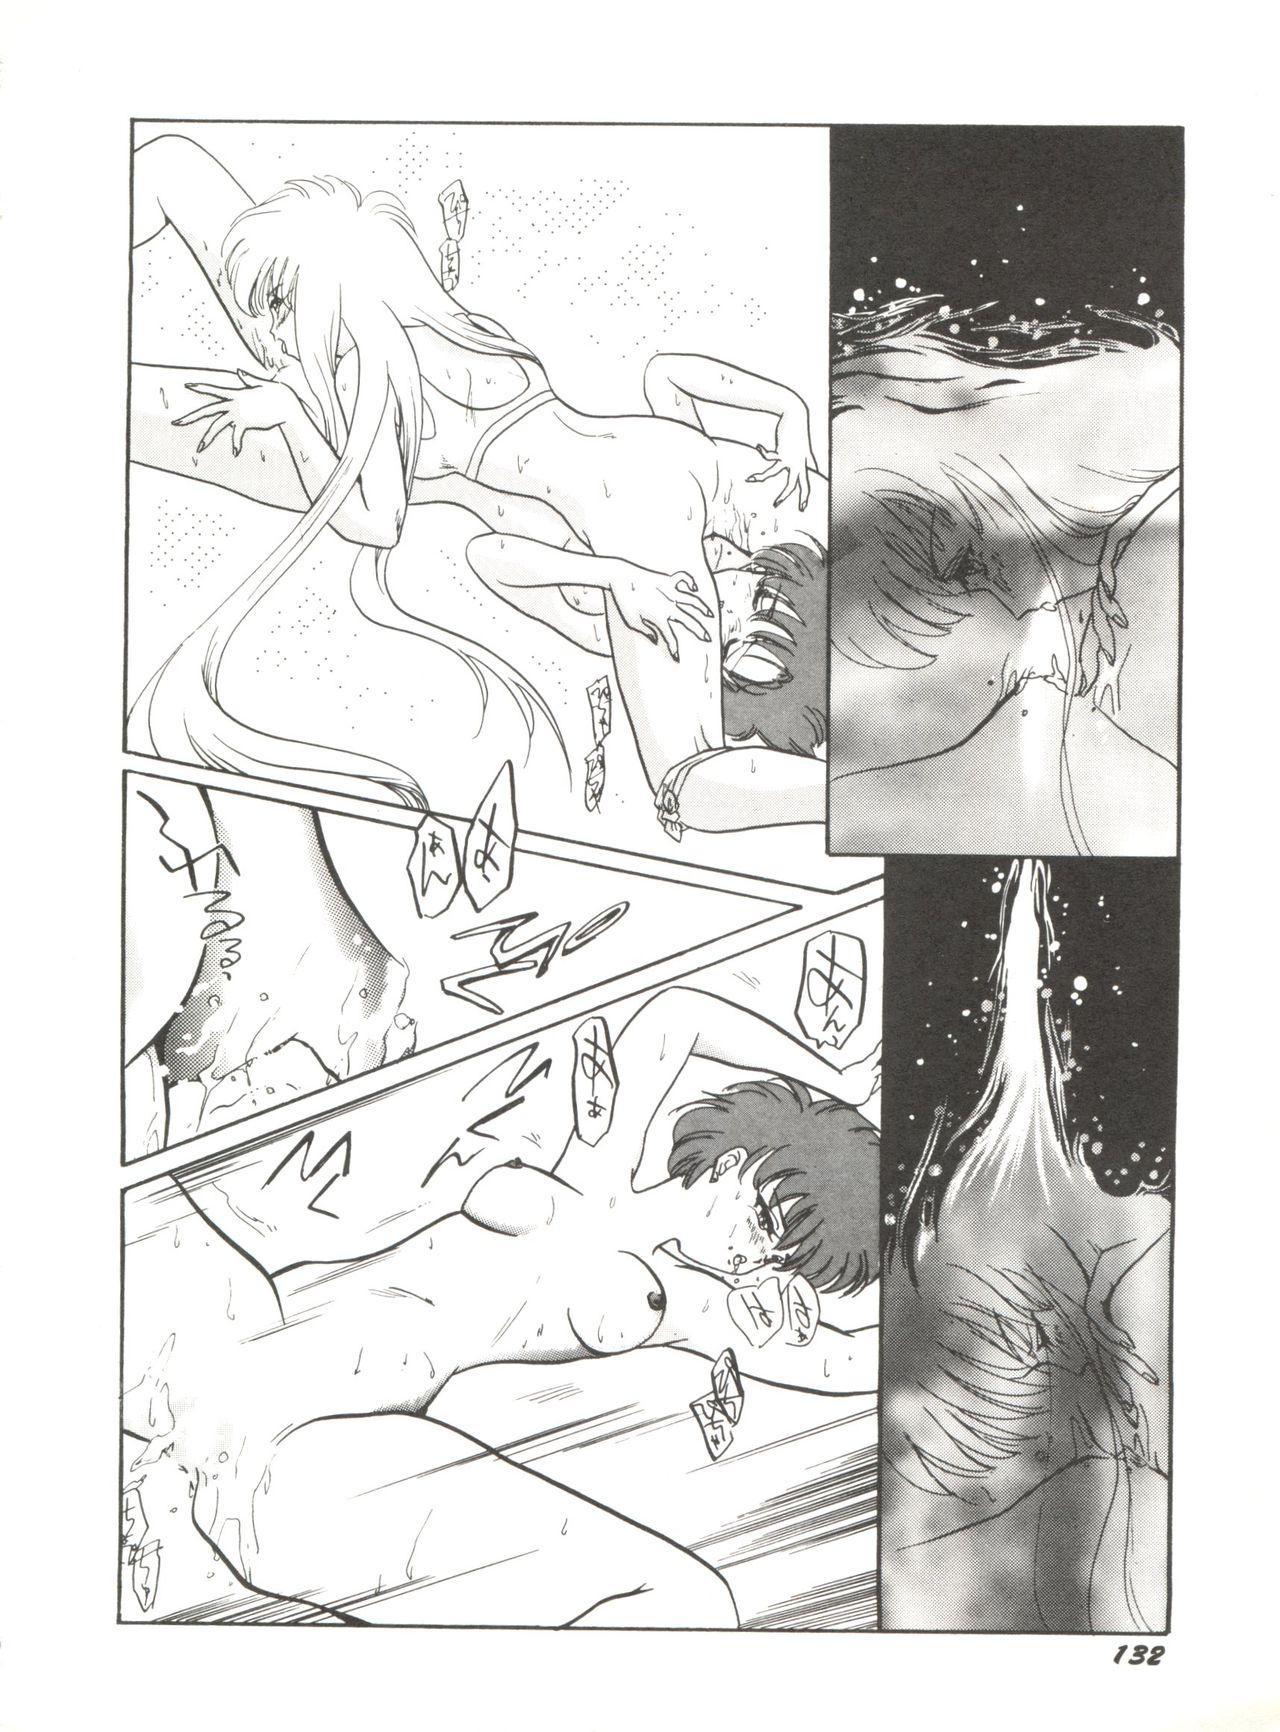 Bishoujo Doujinshi Anthology 12 - Moon Paradise 7 Tsuki no Rakuen 136